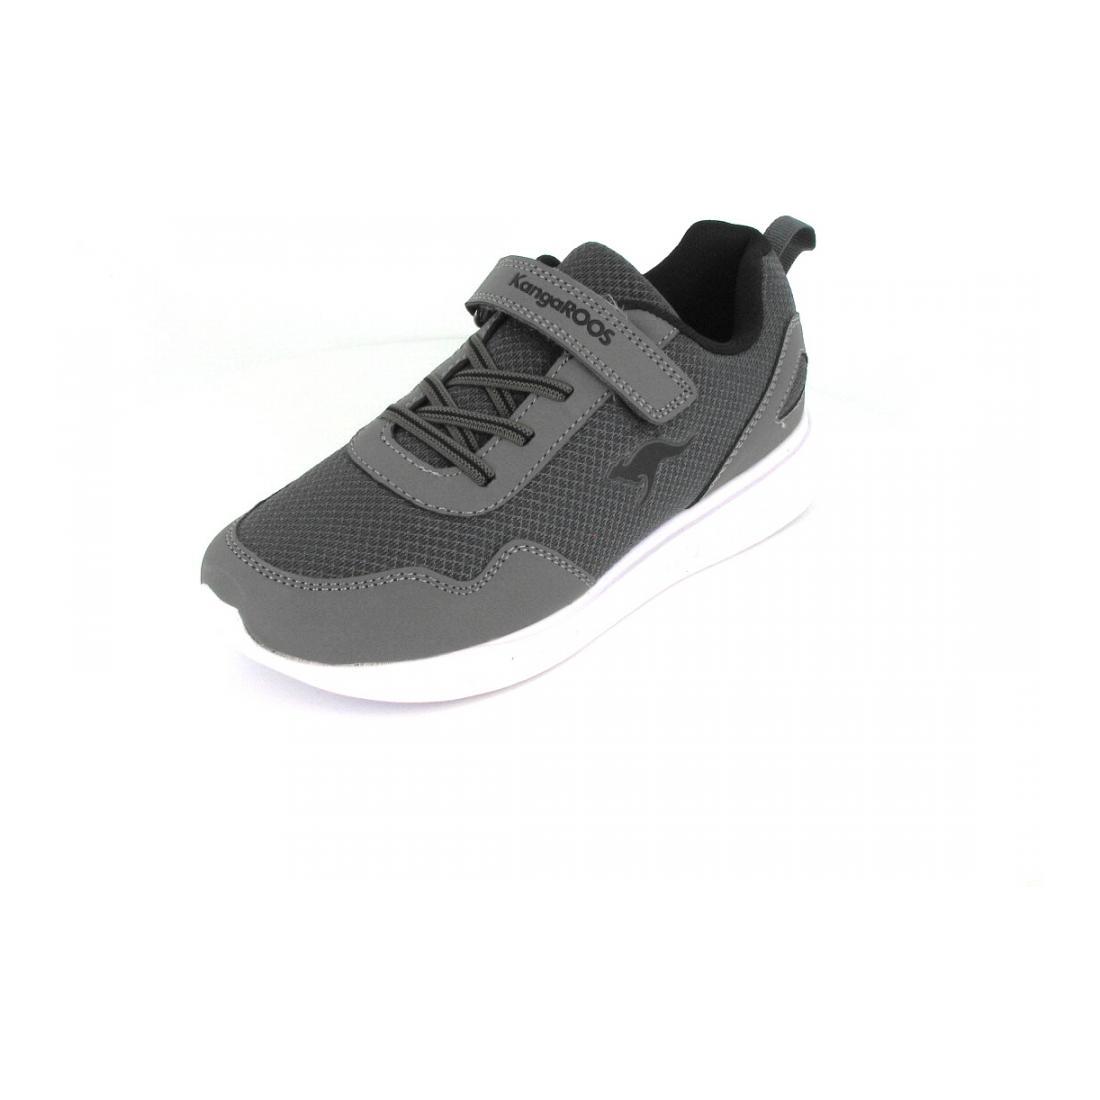 KangaRoos Sneaker K-Act Ole EV